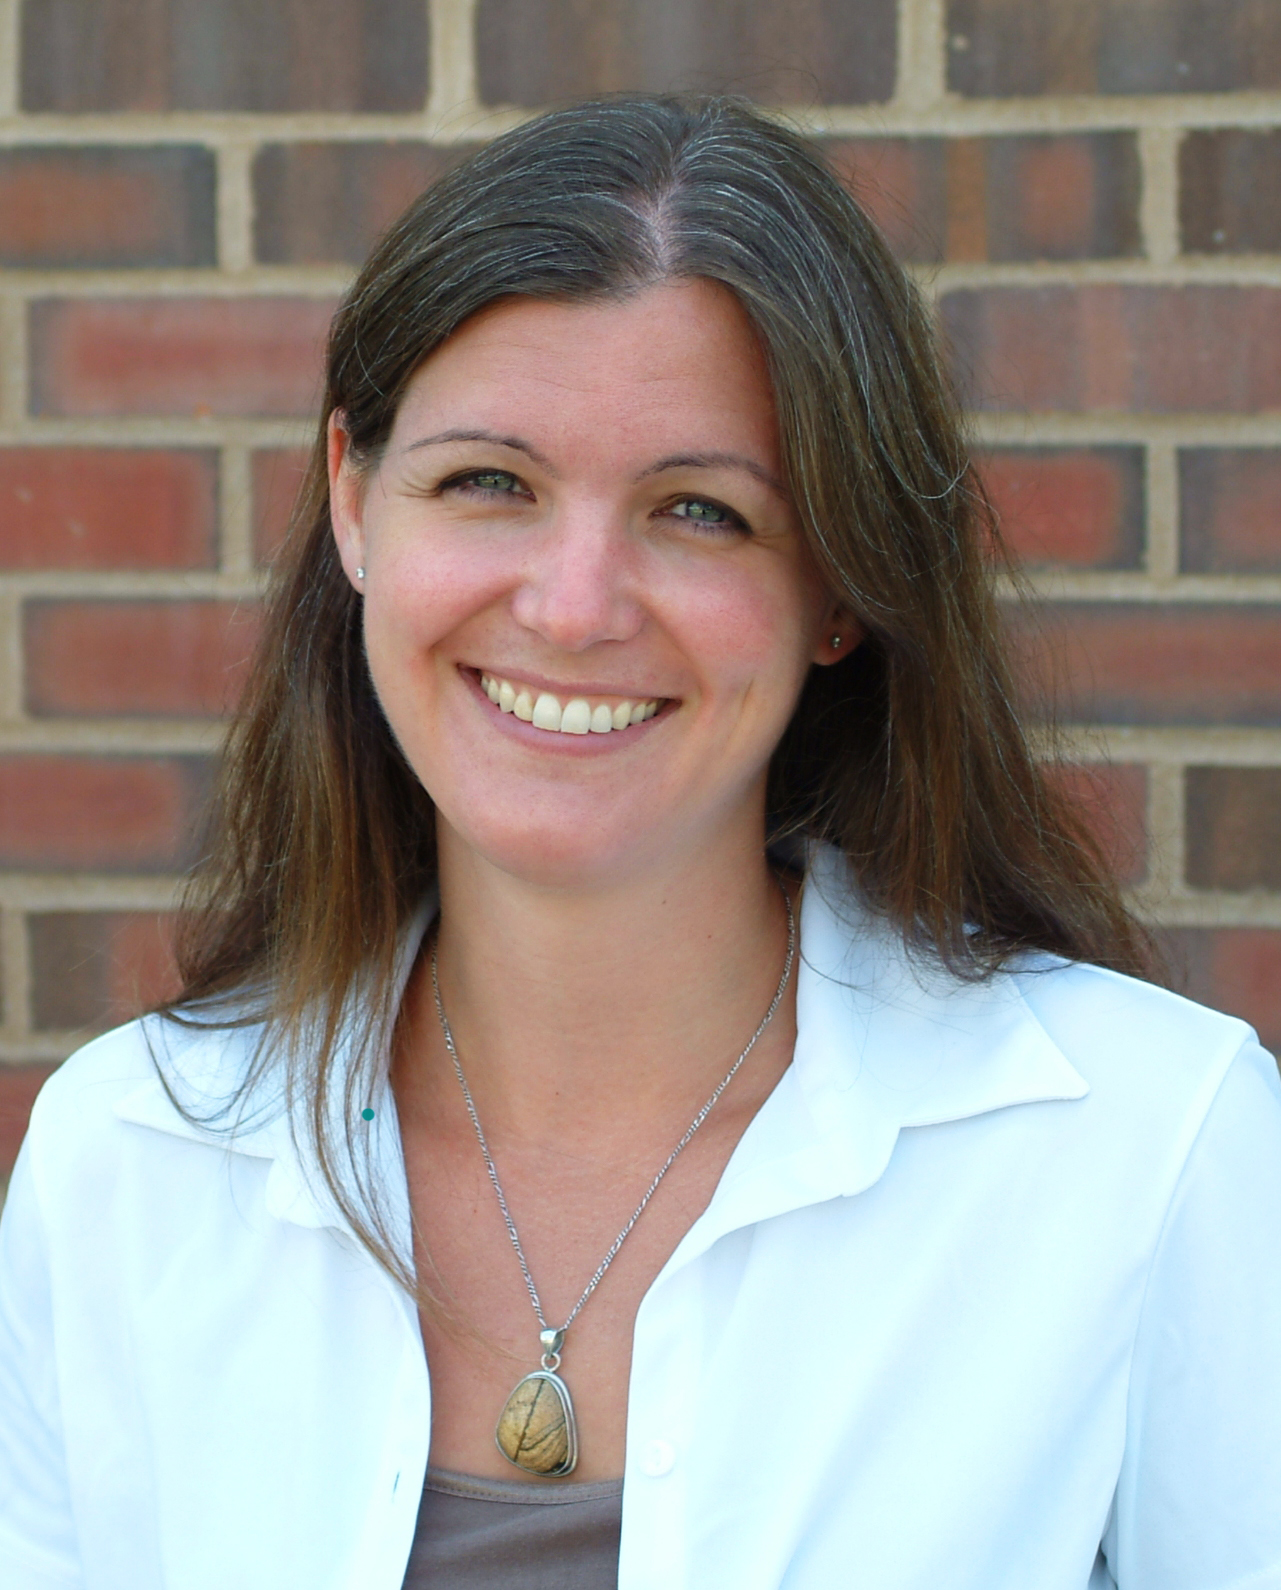 Amy Fischer